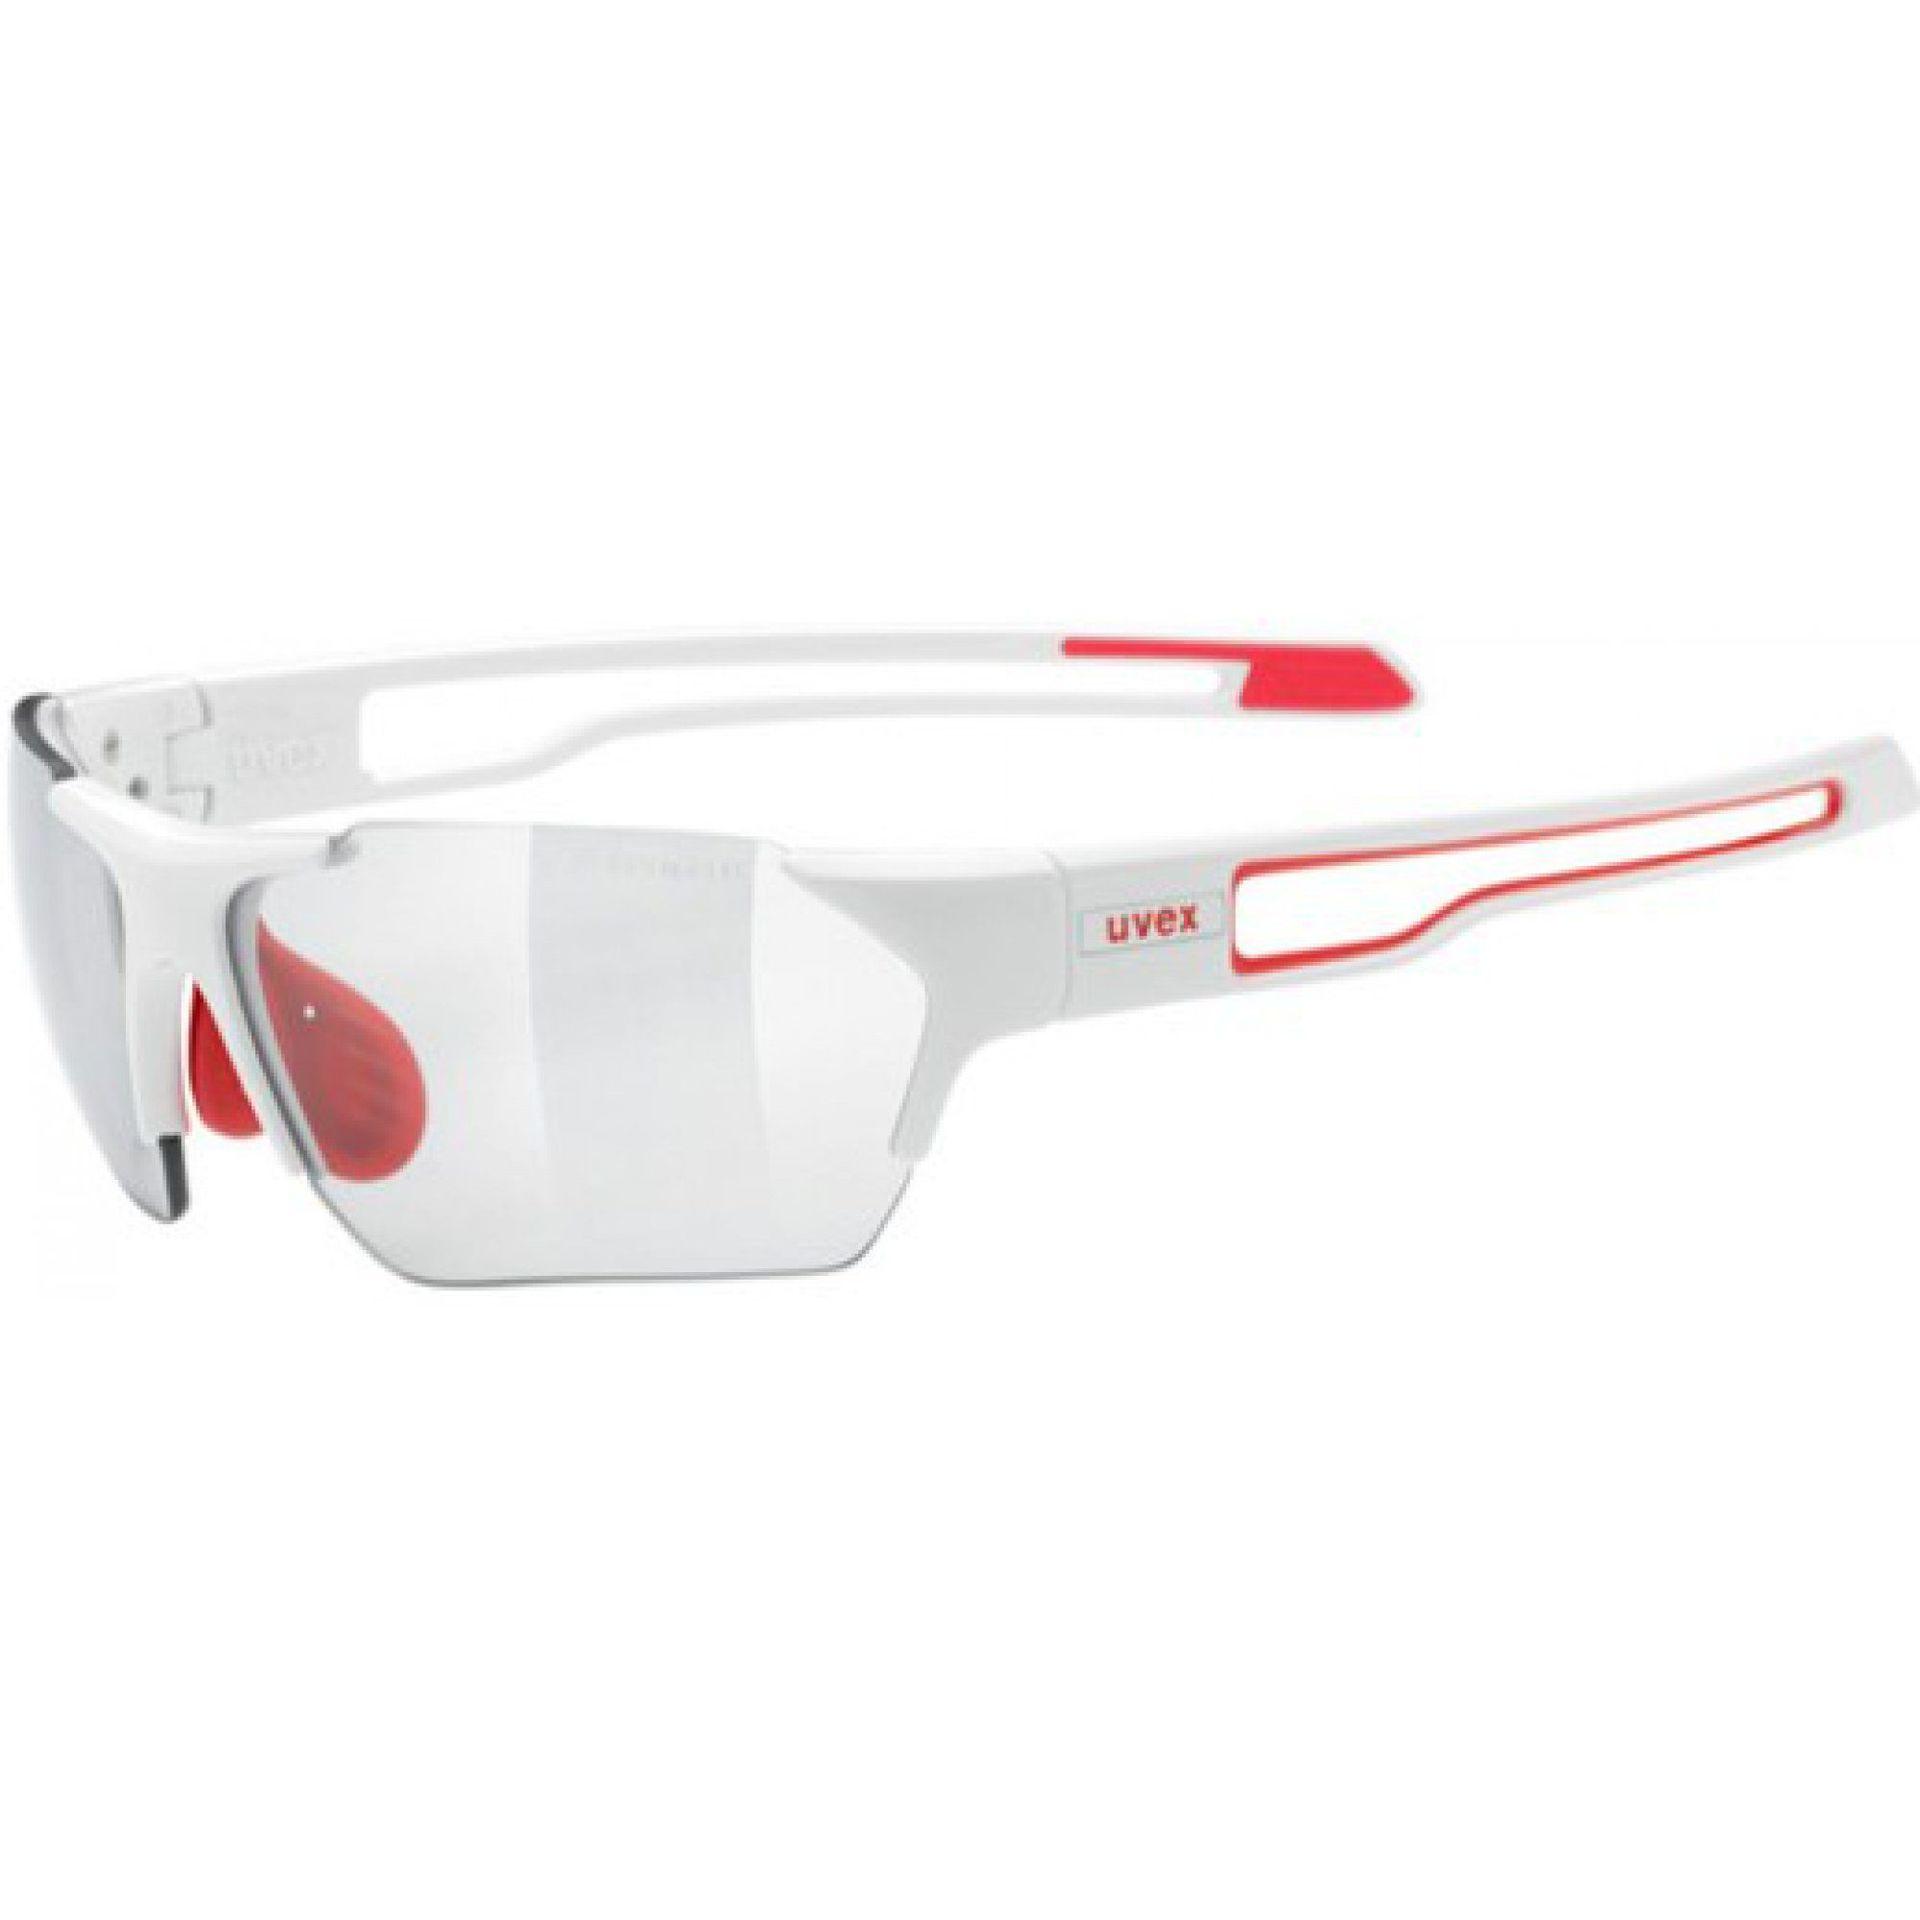 OKULARY UVEX SPORTSTYLE 202 SMALL V WHITE RED